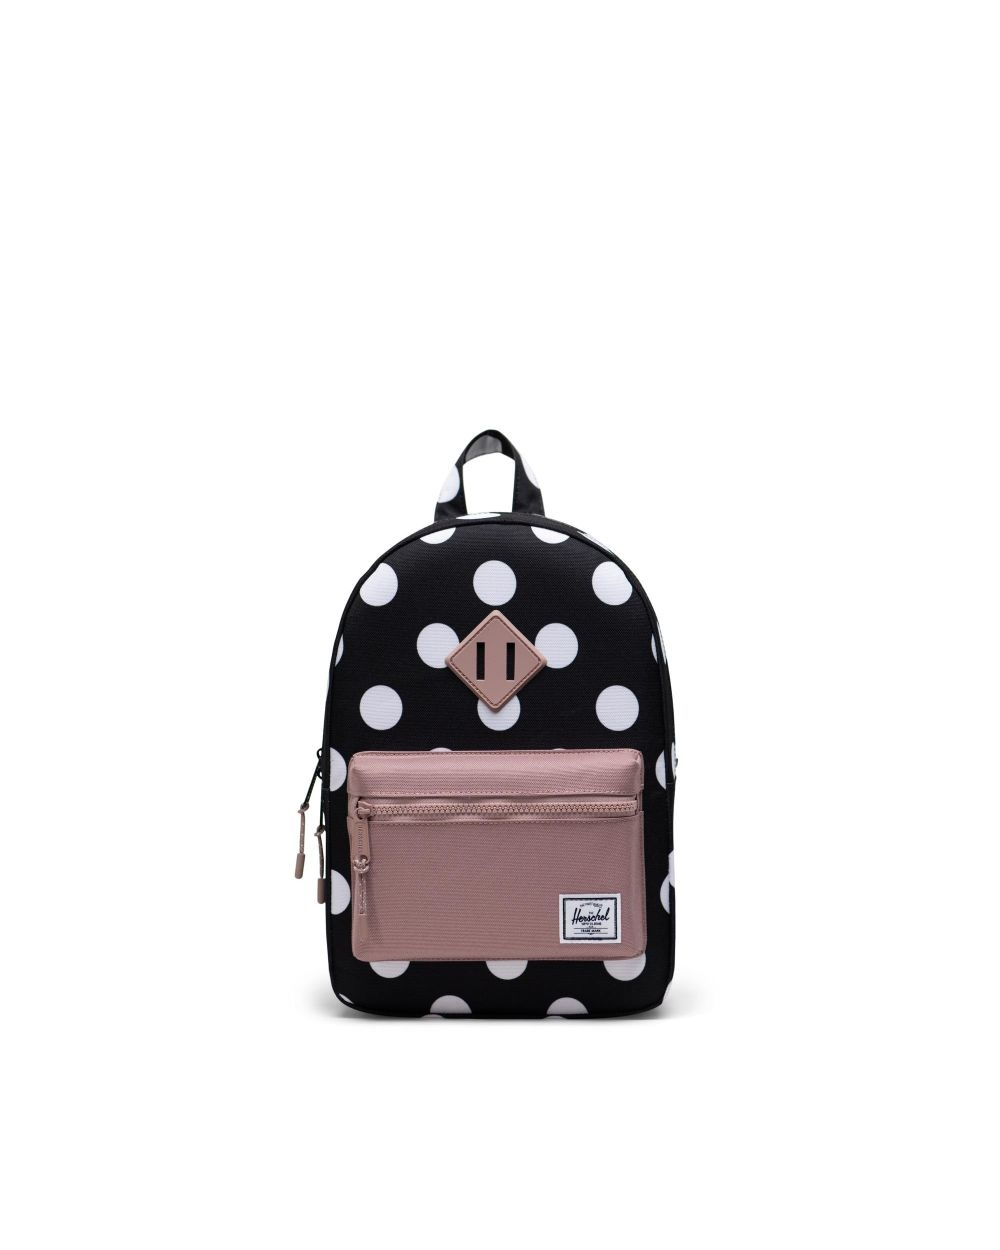 Herschel Supply Co. Heritage Kid Backpack